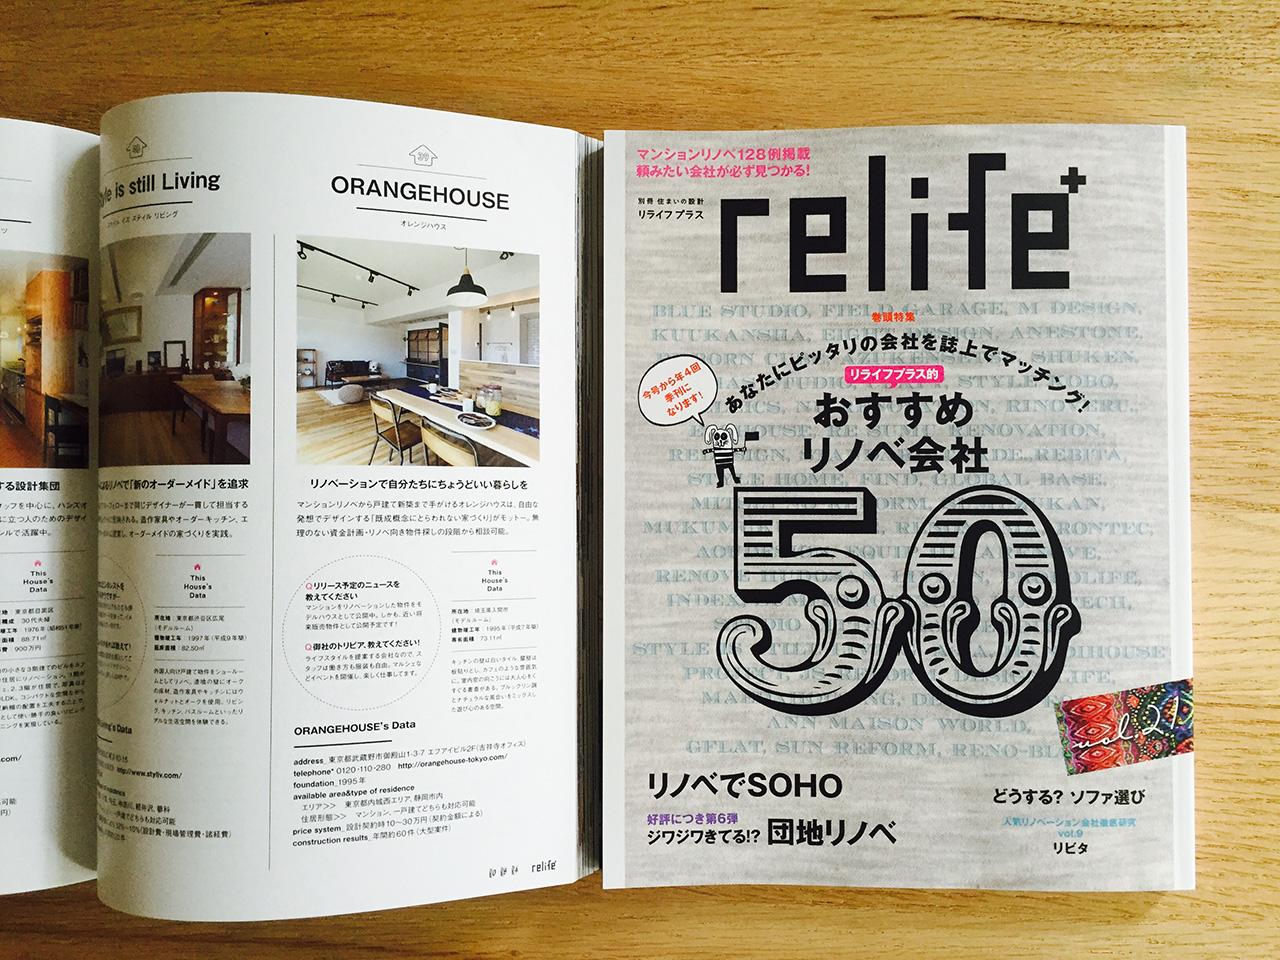 雑誌 6/14発売『リライフプラスvol.21』に掲載されました!